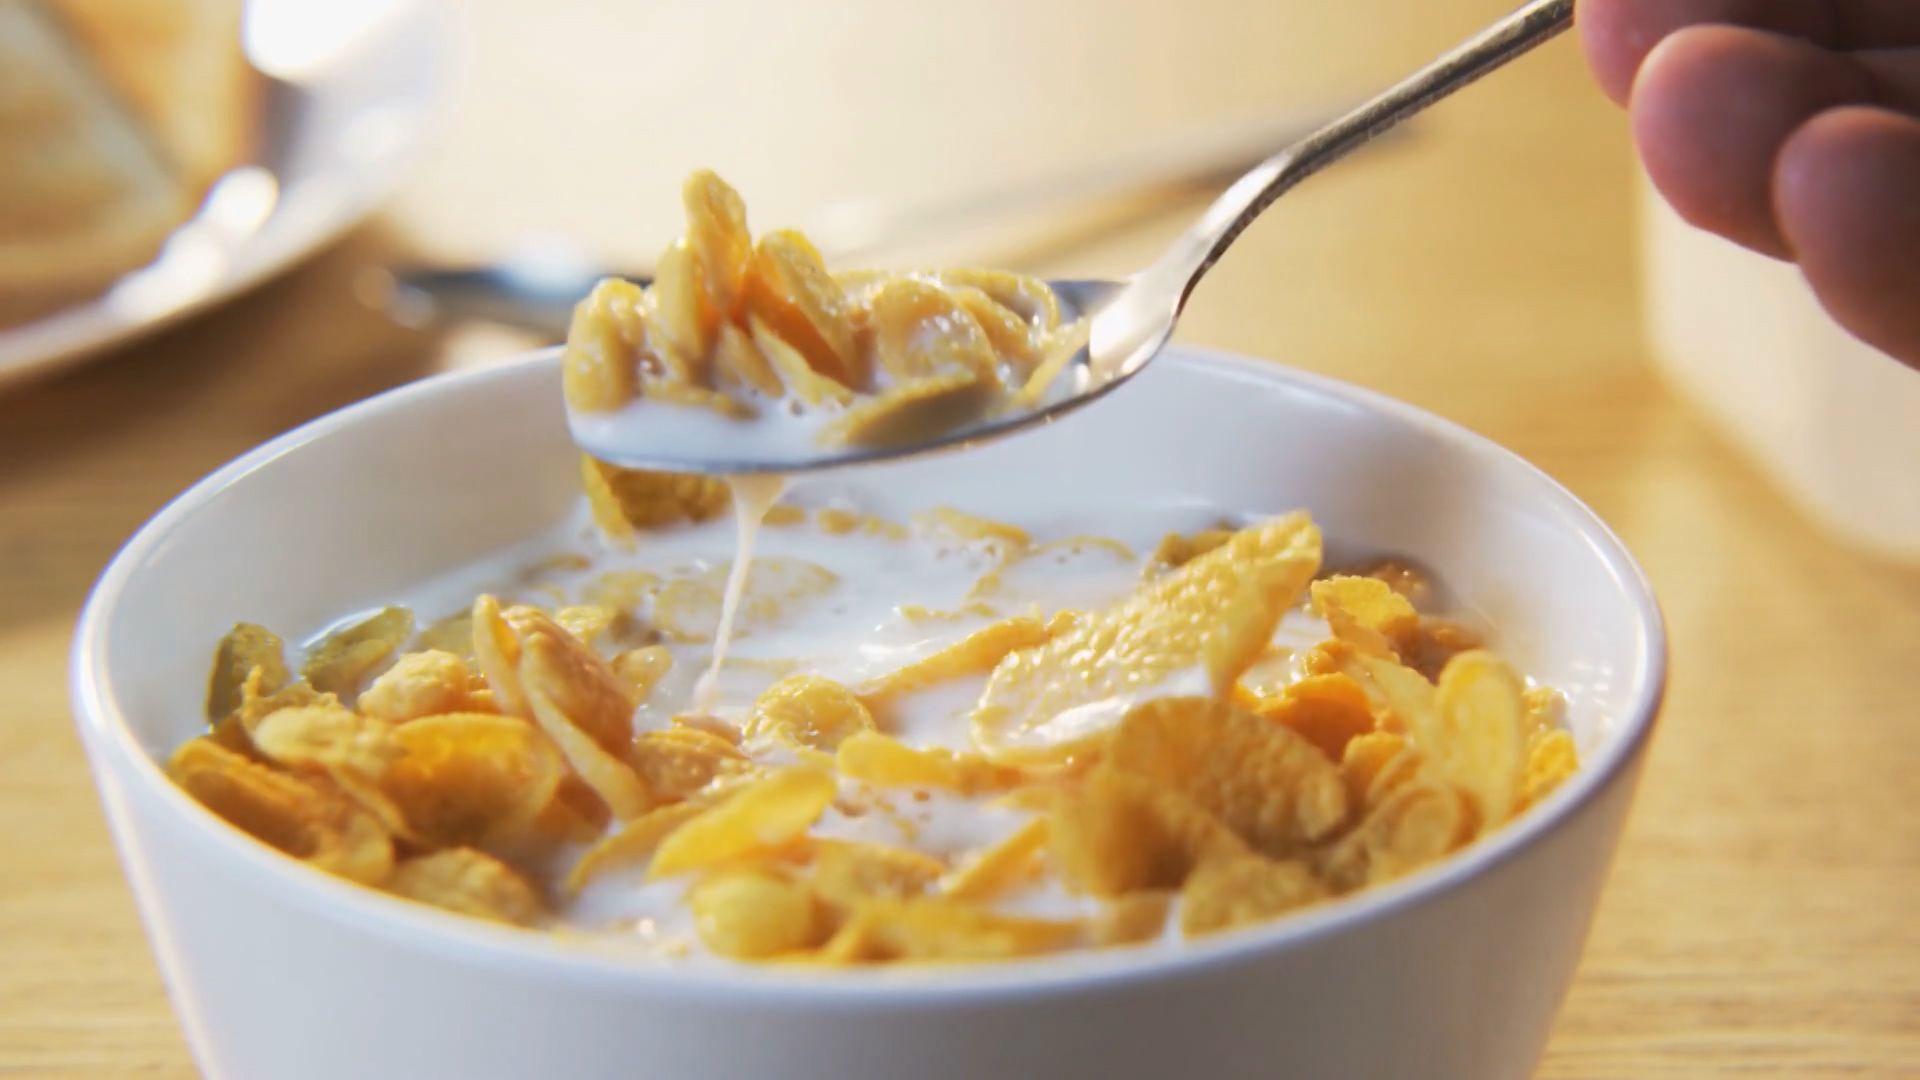 Yogures, leche y cereales son esenciales en un buen desayuno (Ambiente y medio)